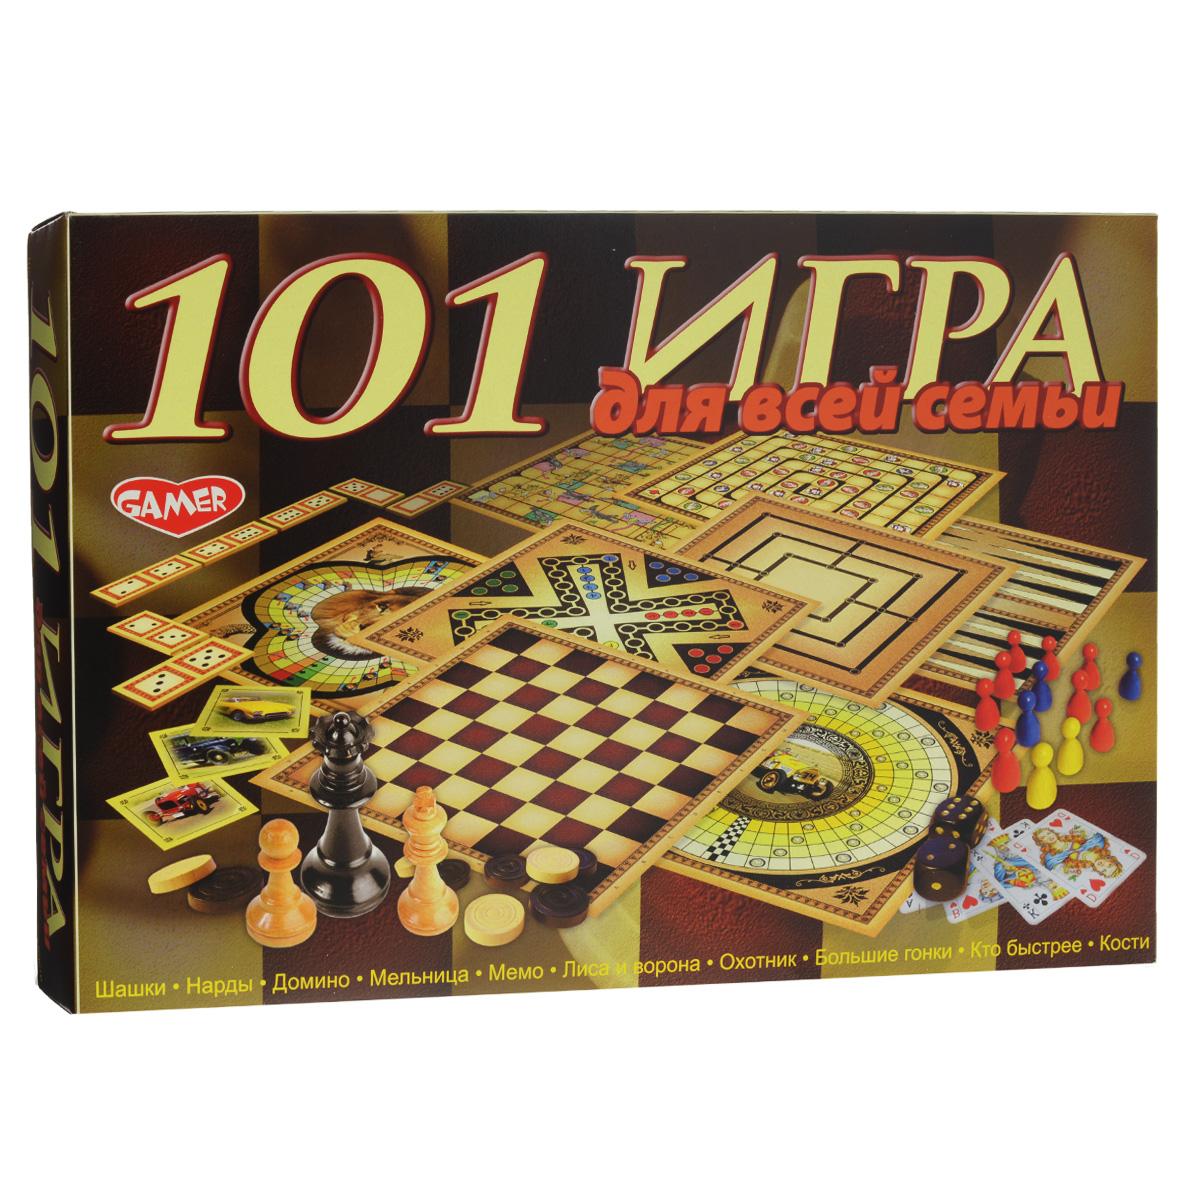 Настольная игра Dream Makers 101 игра для всей семьи, 101 в 1